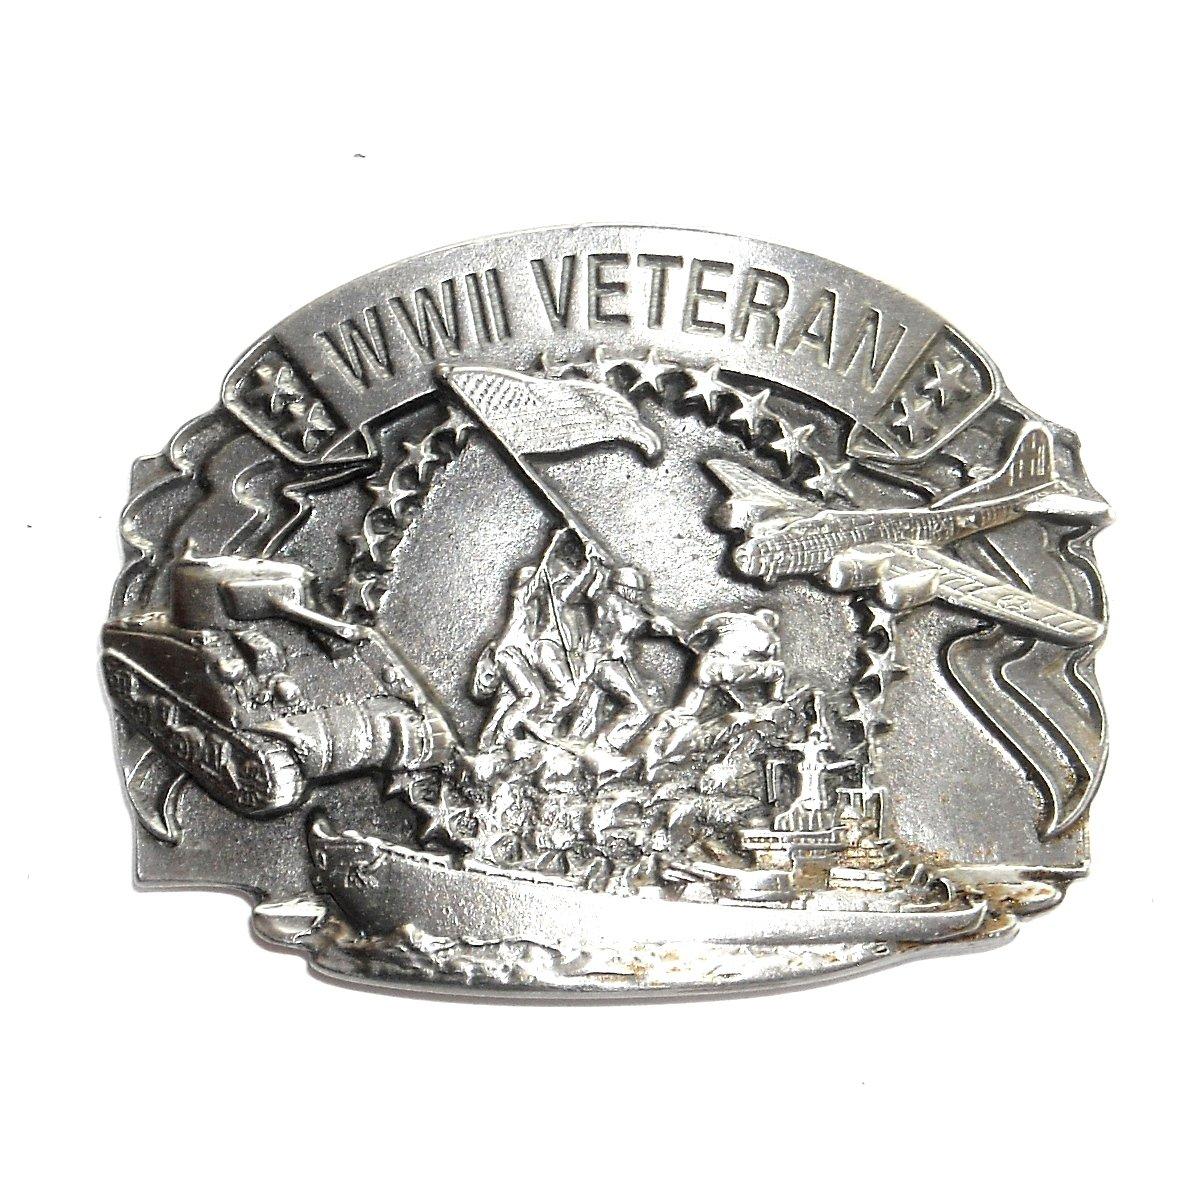 Veteran WWII Vintage Siskiyou Pewter NOS Belt Buckle